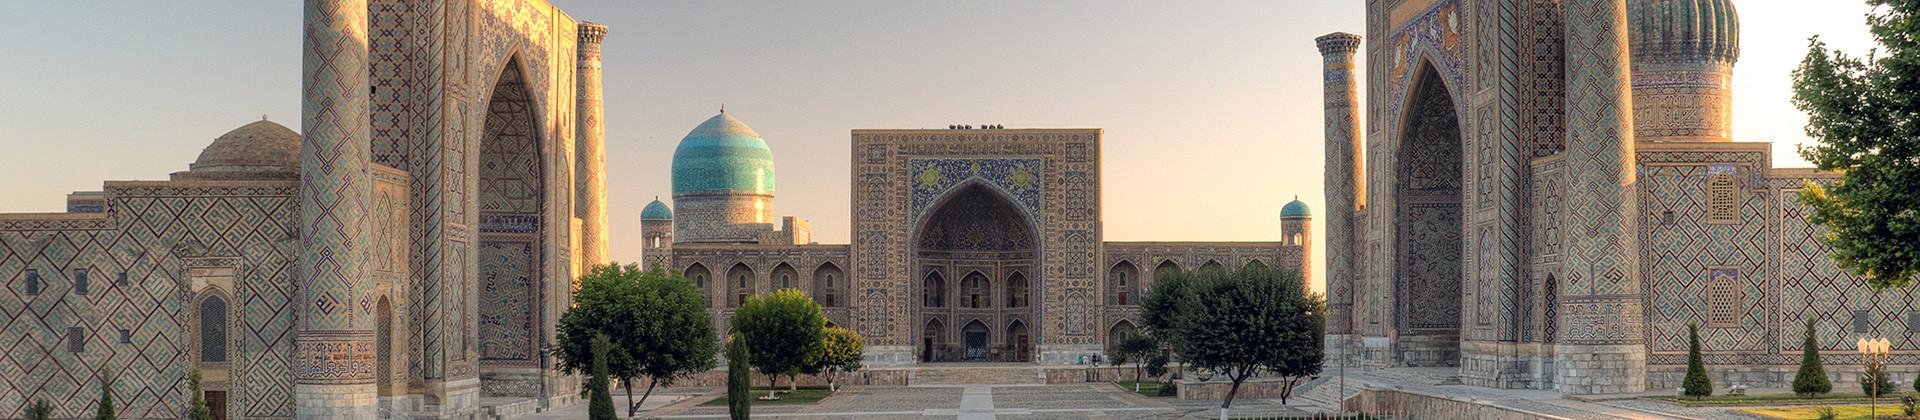 Welcome to Uzbekistan - 1